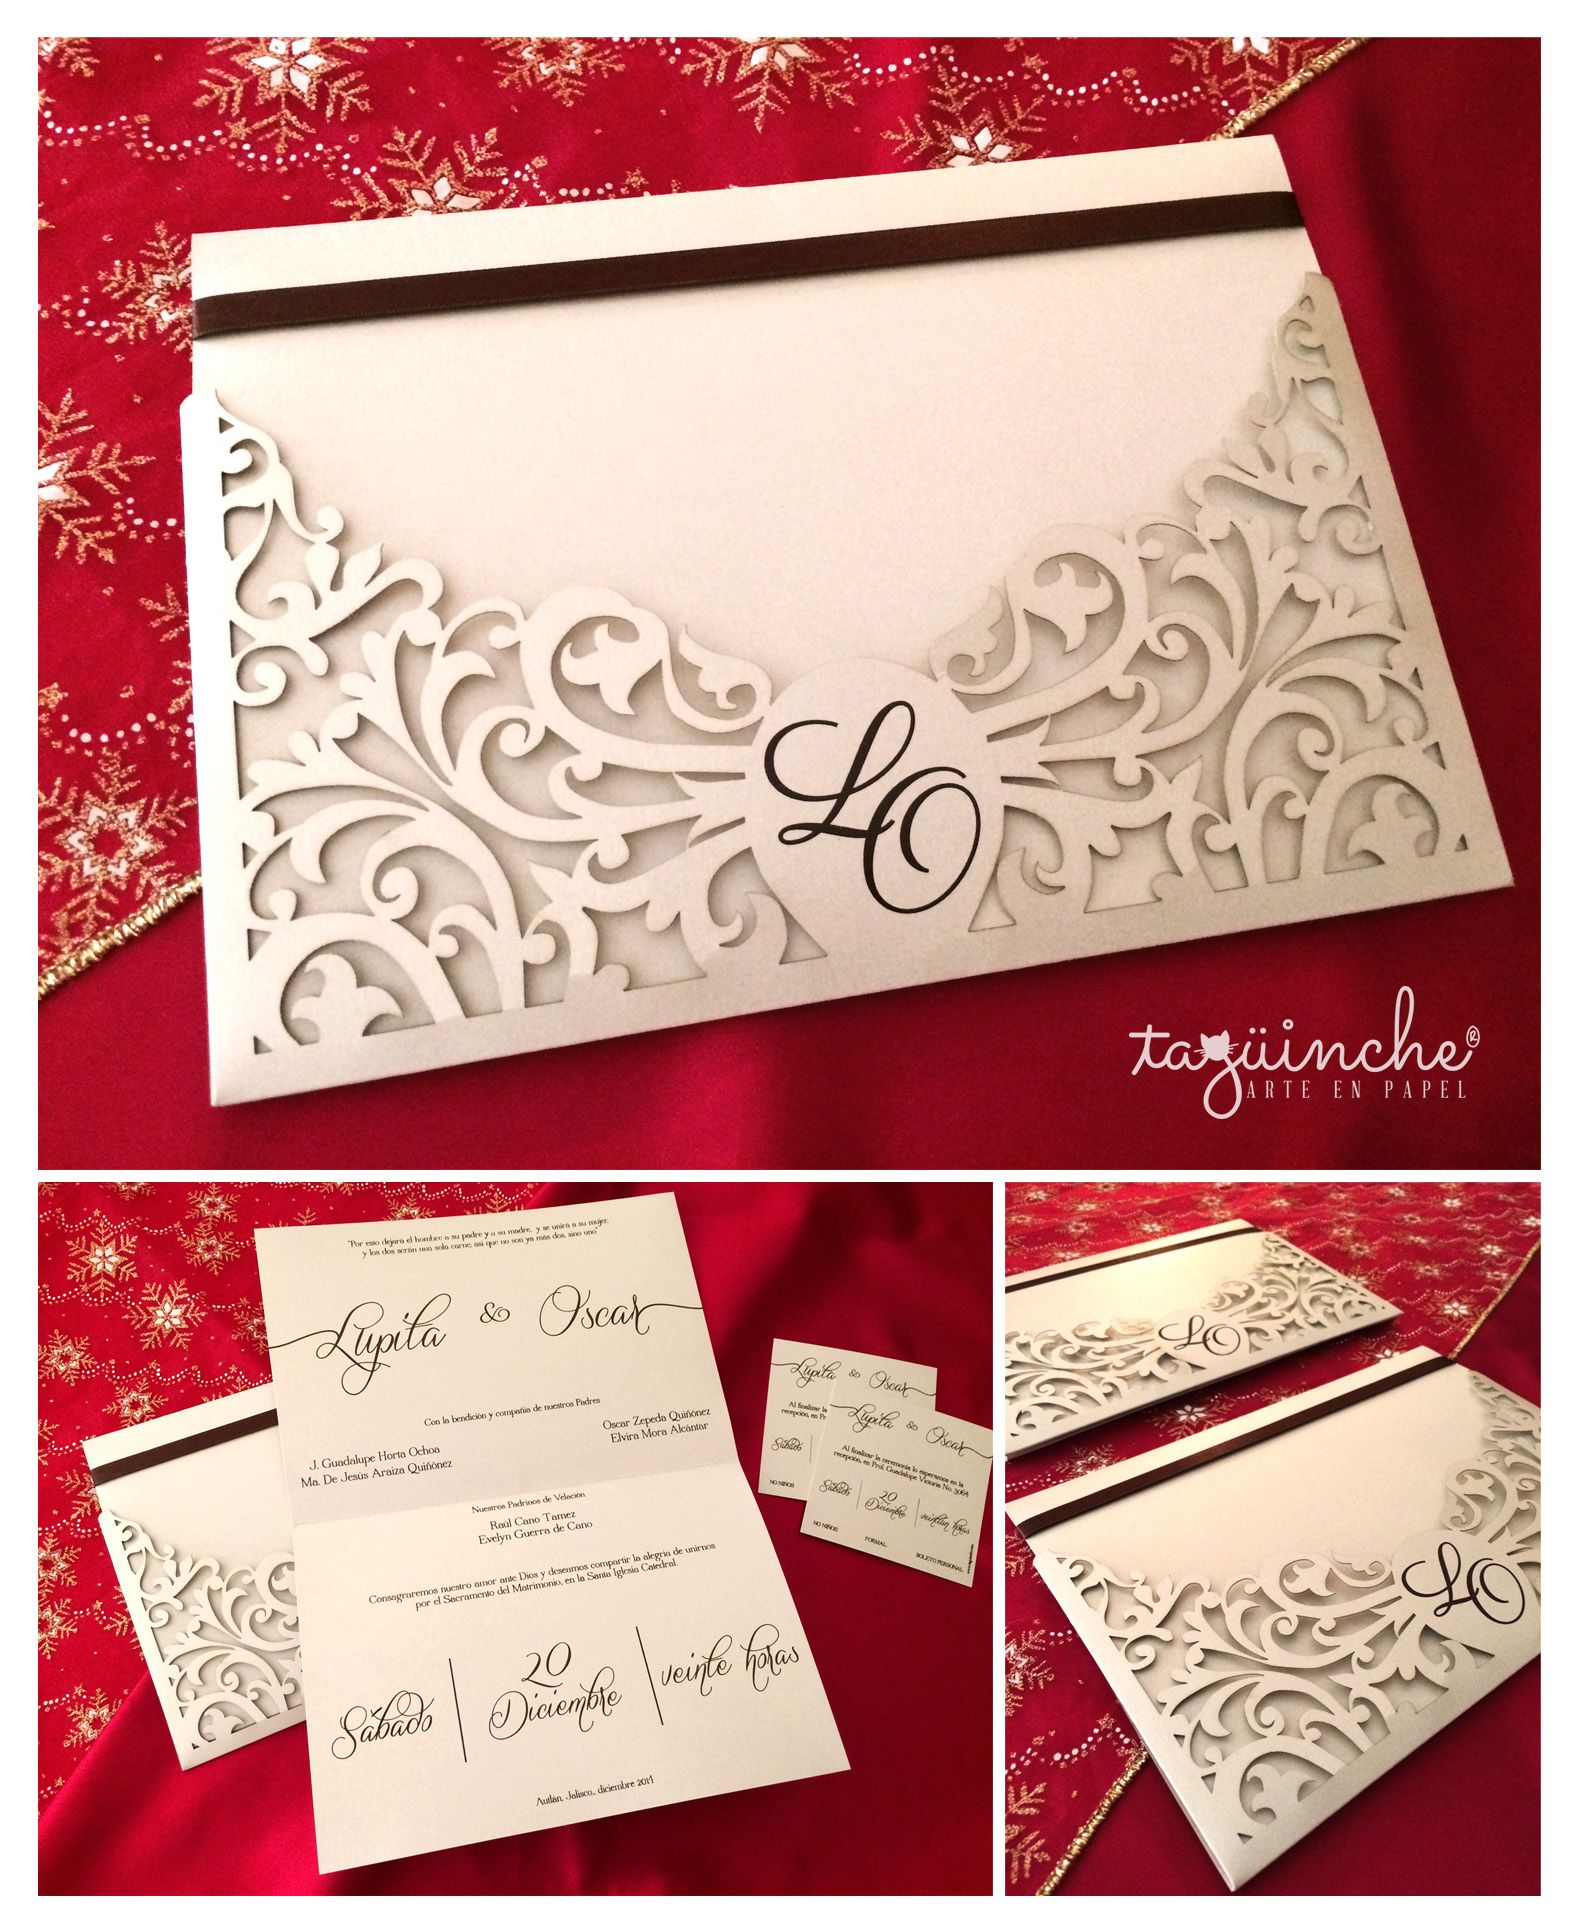 Invitaciones corte láser, Boda www.taguinche.com | cards | Pinterest ...